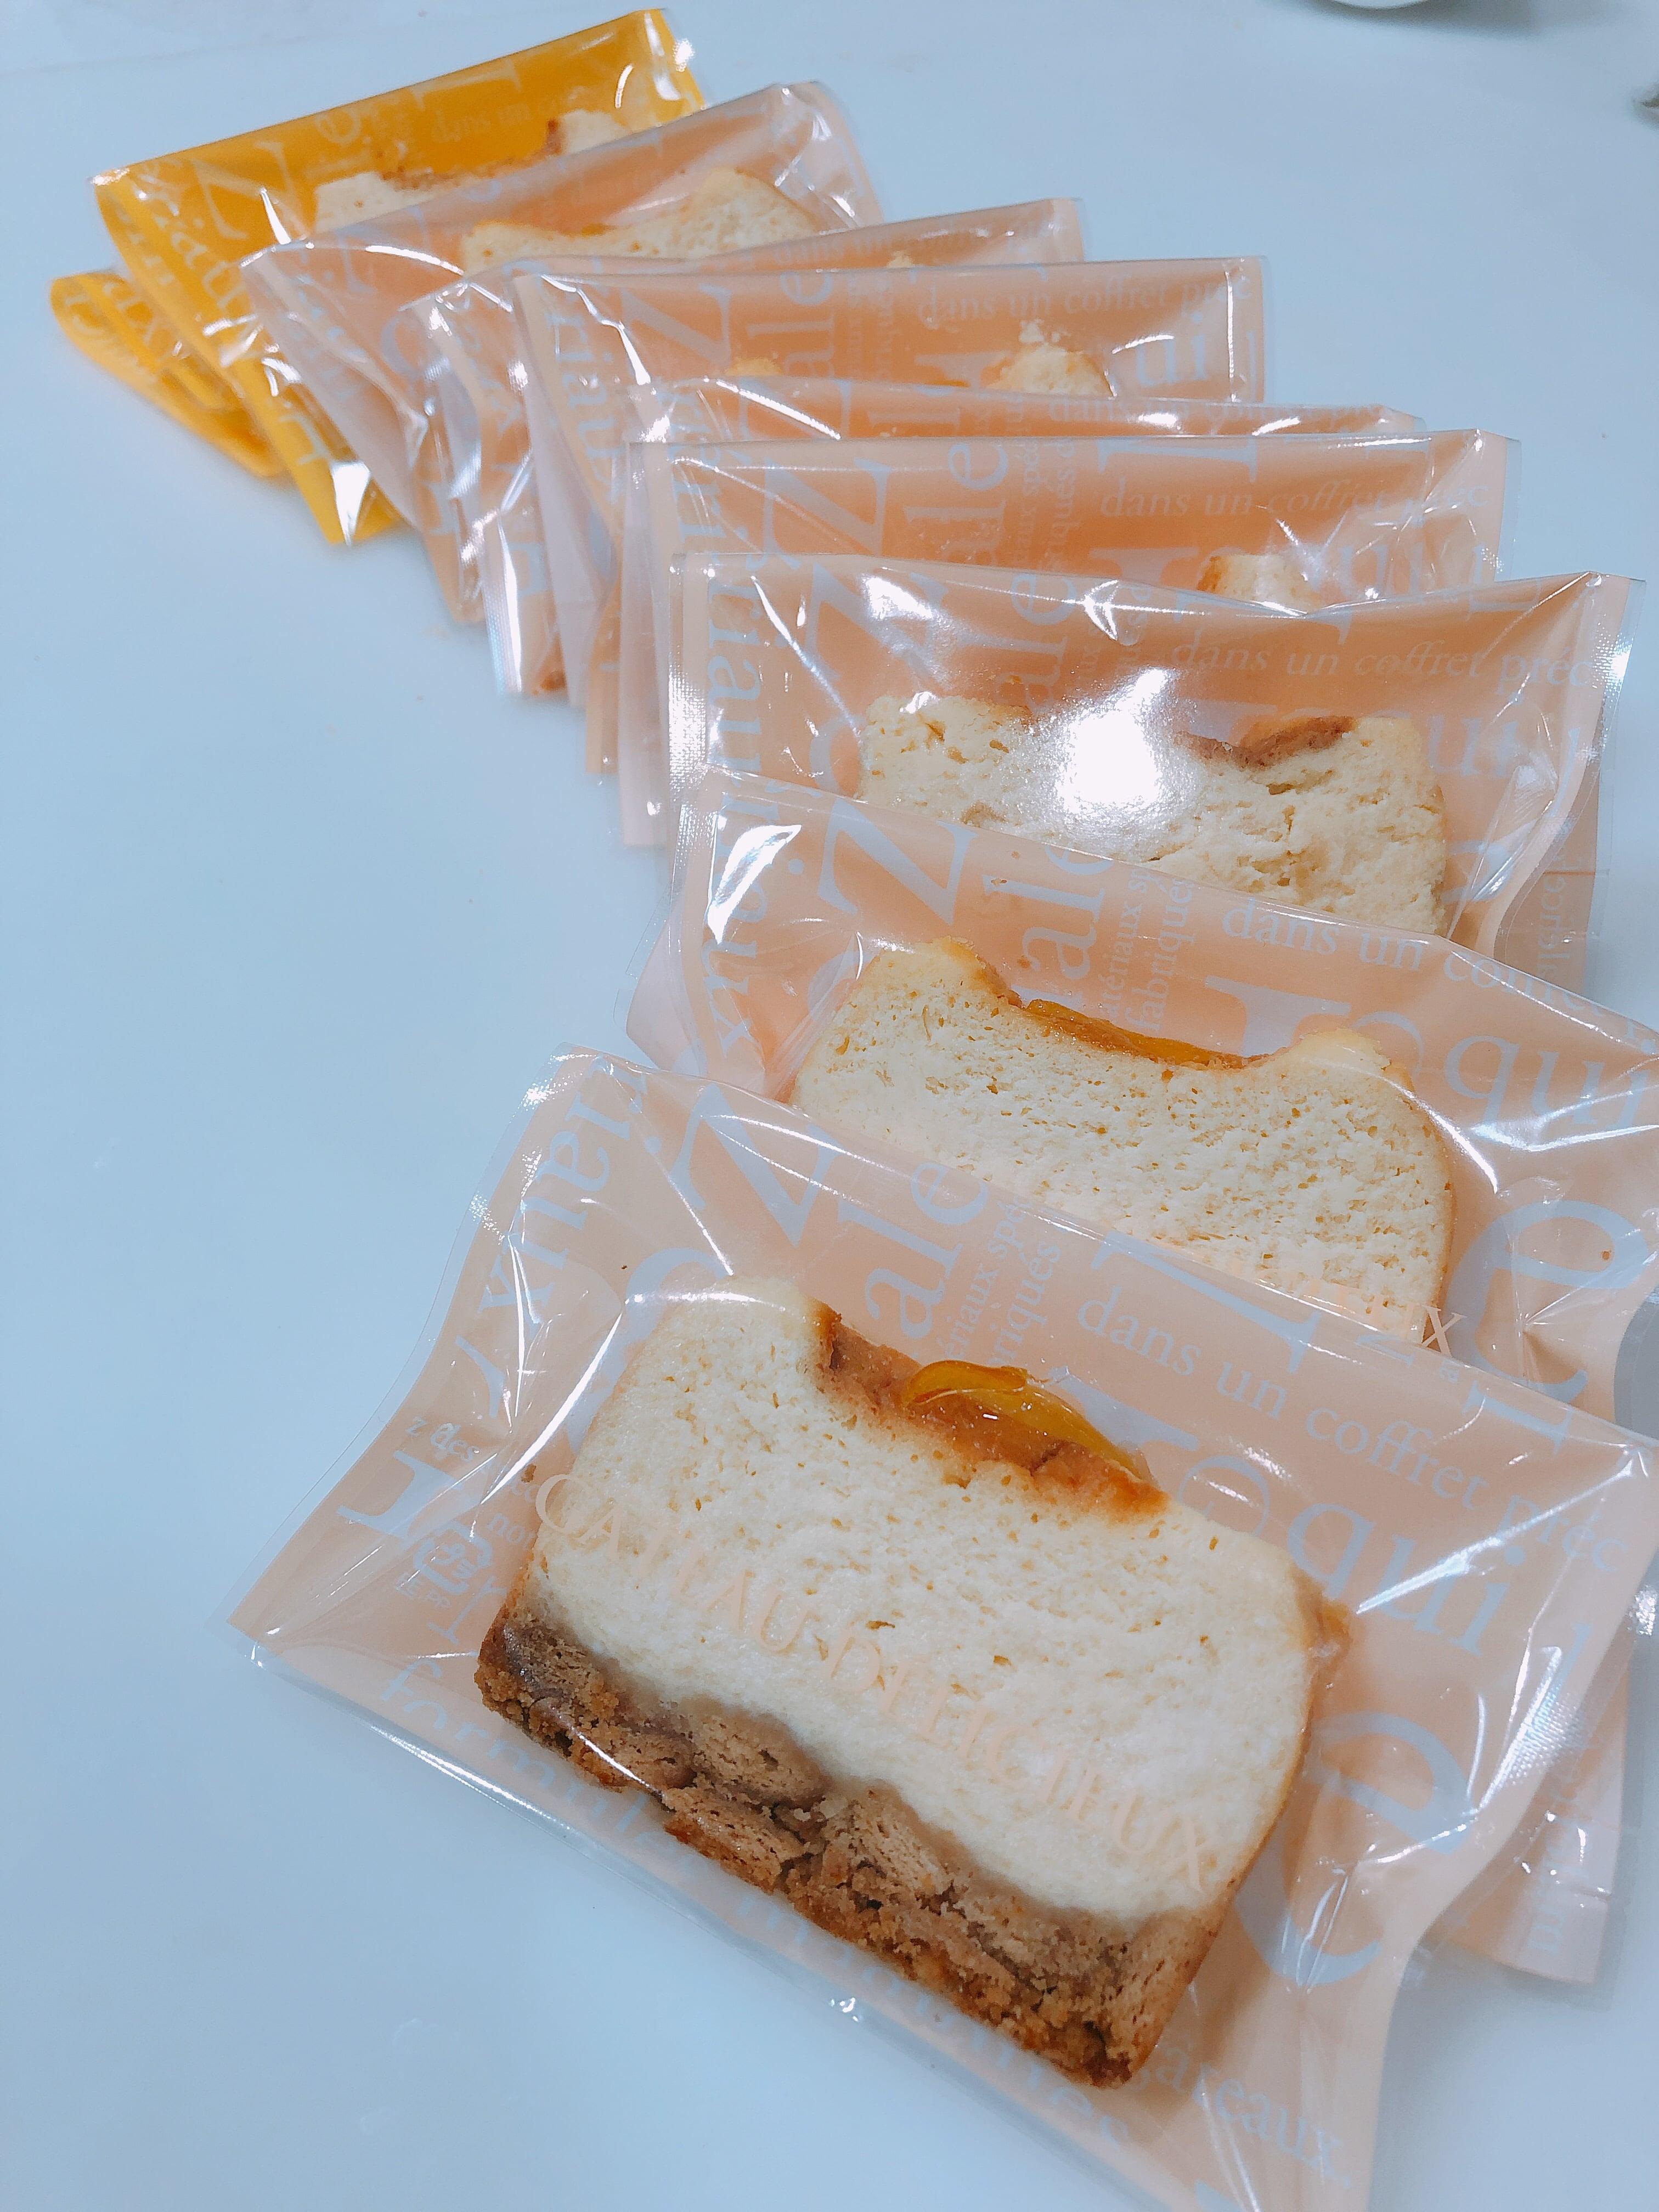 【N様専用】オーダーメイドケーキ現地払い・直接受け渡し用のイメージその2